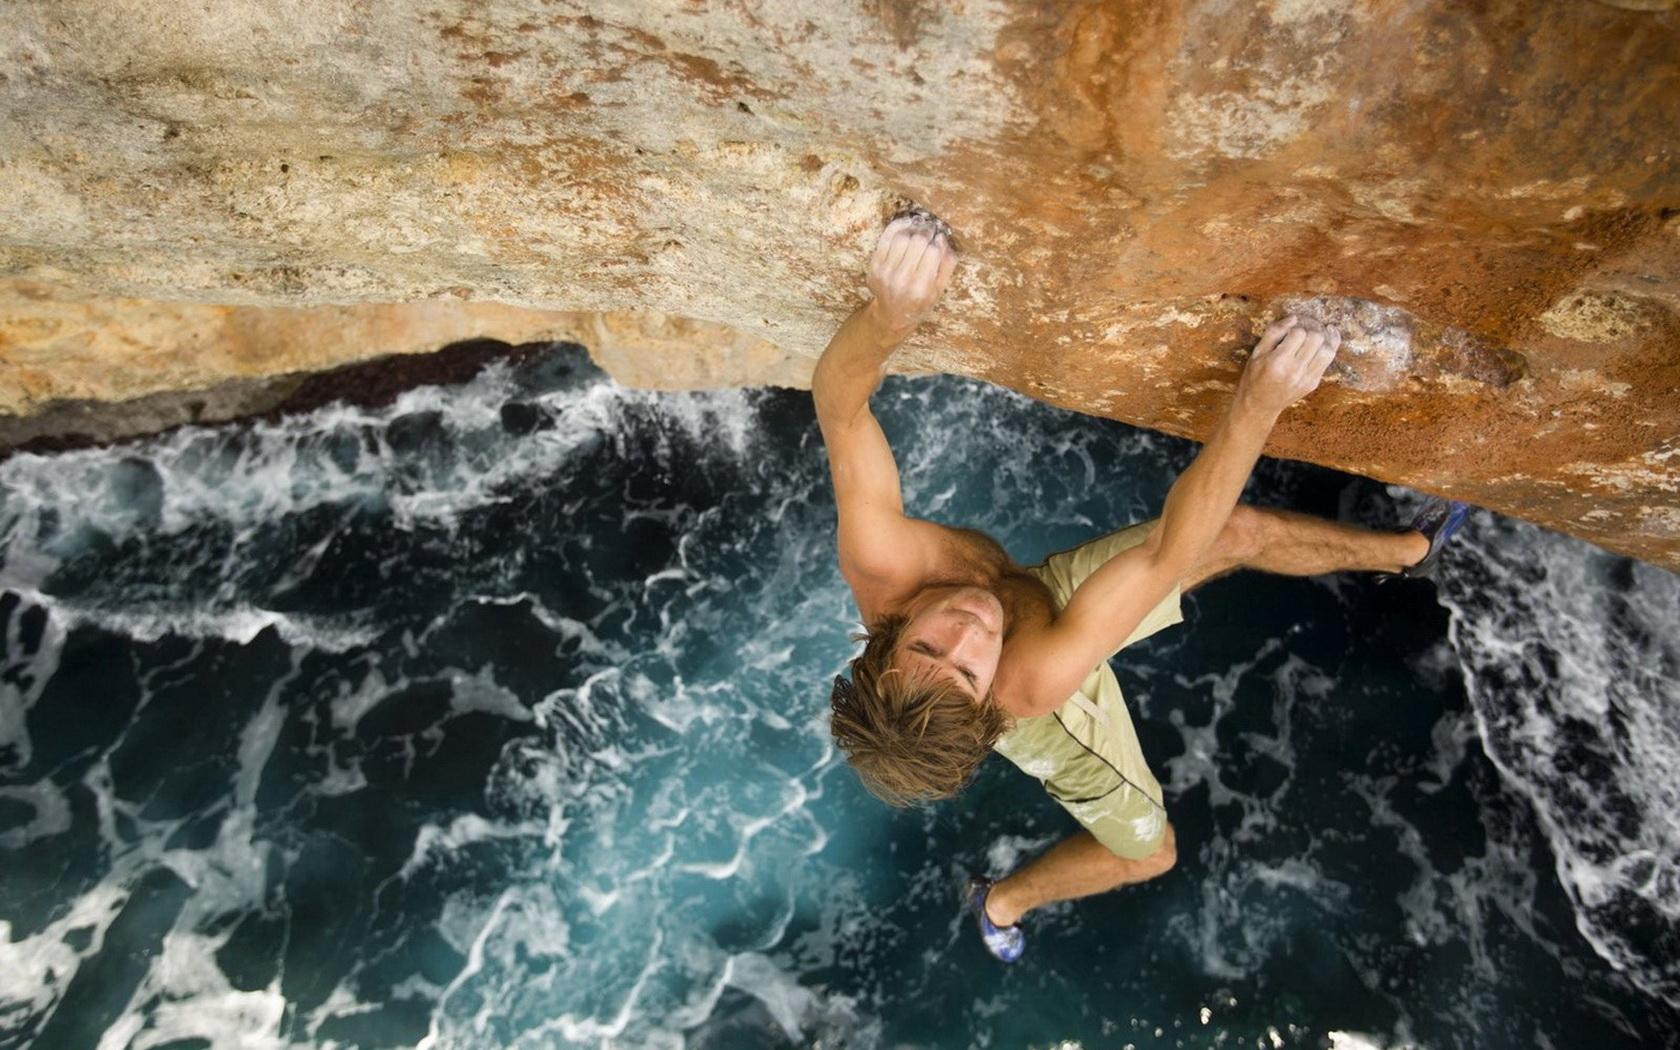 Парень фотографирует голую подружку у скалы  234514